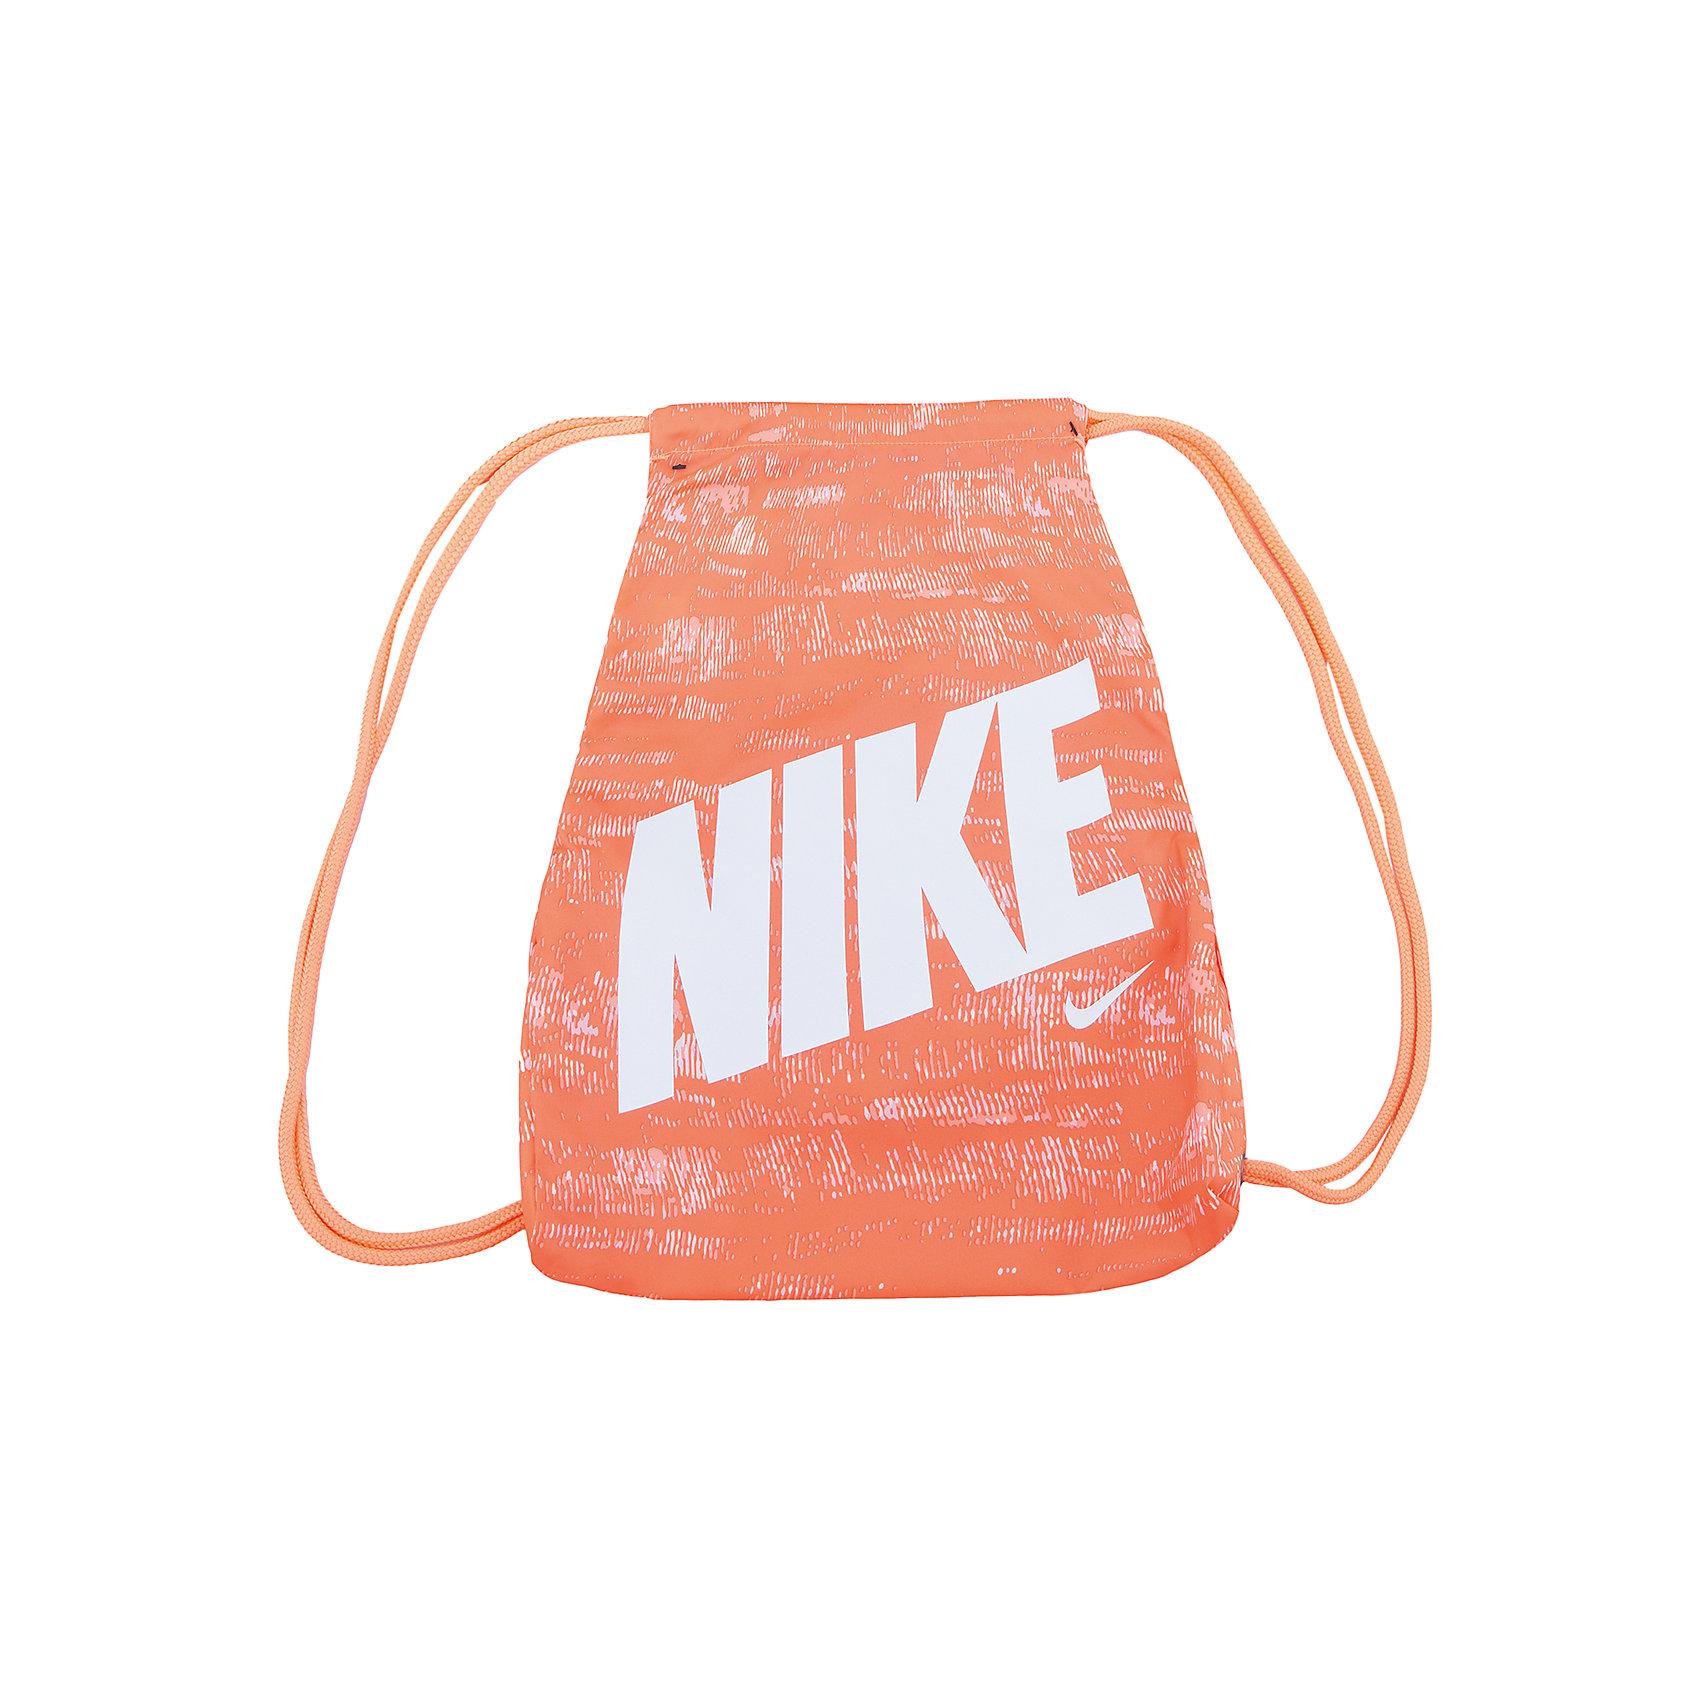 Сумка NIKEМешки для обуви<br>Характеристики товара:<br><br>• цвет: разноцветный<br>• спортивный стиль<br>• состав: 100% полиэстер<br>• декорирована принтом<br>• размер: 45,5 x 25 см<br>• удобные лямки<br>• затягивающийся шнурок для надежности хранения<br>• износостойкий материал<br>• коллекция: весна-лето 2017<br>• страна бренда: США<br>• страна изготовитель: Индонезия<br><br>Продукция бренда NIKE известна высоким качеством, уникальным узнаваемым дизайном и проработанными деталями, которые создают удобство при занятиях спортом и долгой ходьбе. <br><br>Уход за такой сумкой прост, она легко чистится и быстро сушится. Дополнена удобными лямками, которые помогут обеспечить комфорт при ношении сумки. <br><br>Вместительные отделения сумки позволяют взять с собой нужные вещи, а удобный дизайн делает её незаменимой для спортсменов. Модель стильно выглядит и хорошо смотрится с одеждой разных цветов и стилей.<br><br>Сумку NIKE (Найк) можно купить в нашем интернет-магазине.<br><br>Ширина мм: 170<br>Глубина мм: 157<br>Высота мм: 67<br>Вес г: 117<br>Цвет: оранжевый<br>Возраст от месяцев: 168<br>Возраст до месяцев: 1188<br>Пол: Унисекс<br>Возраст: Детский<br>Размер: one size<br>SKU: 6676775